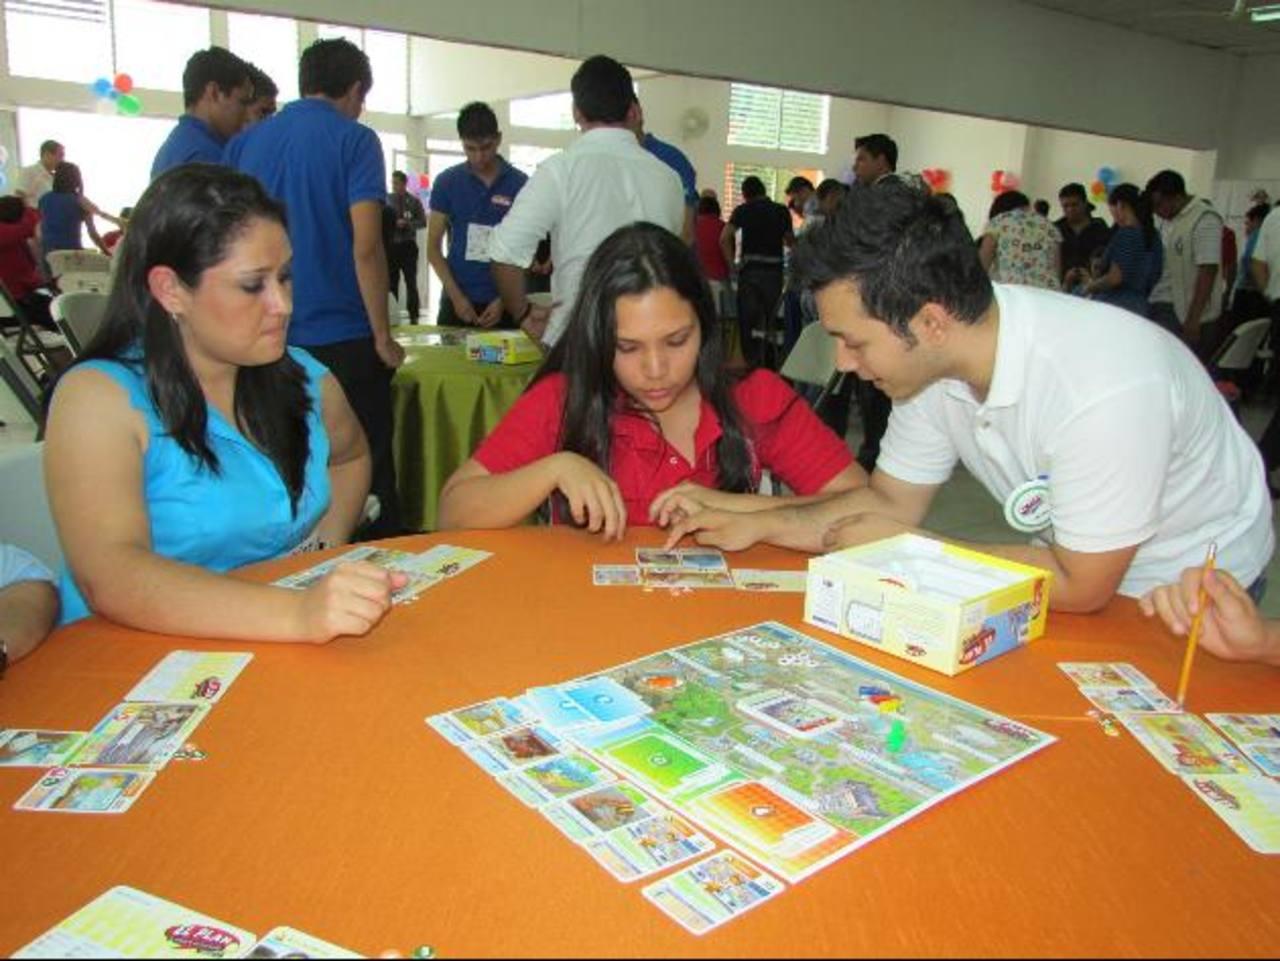 Los jóvenes dijeron que el juego les llevó un panorama de la realidad empresarial. Foto EDH / MAURICIO GUEVARA